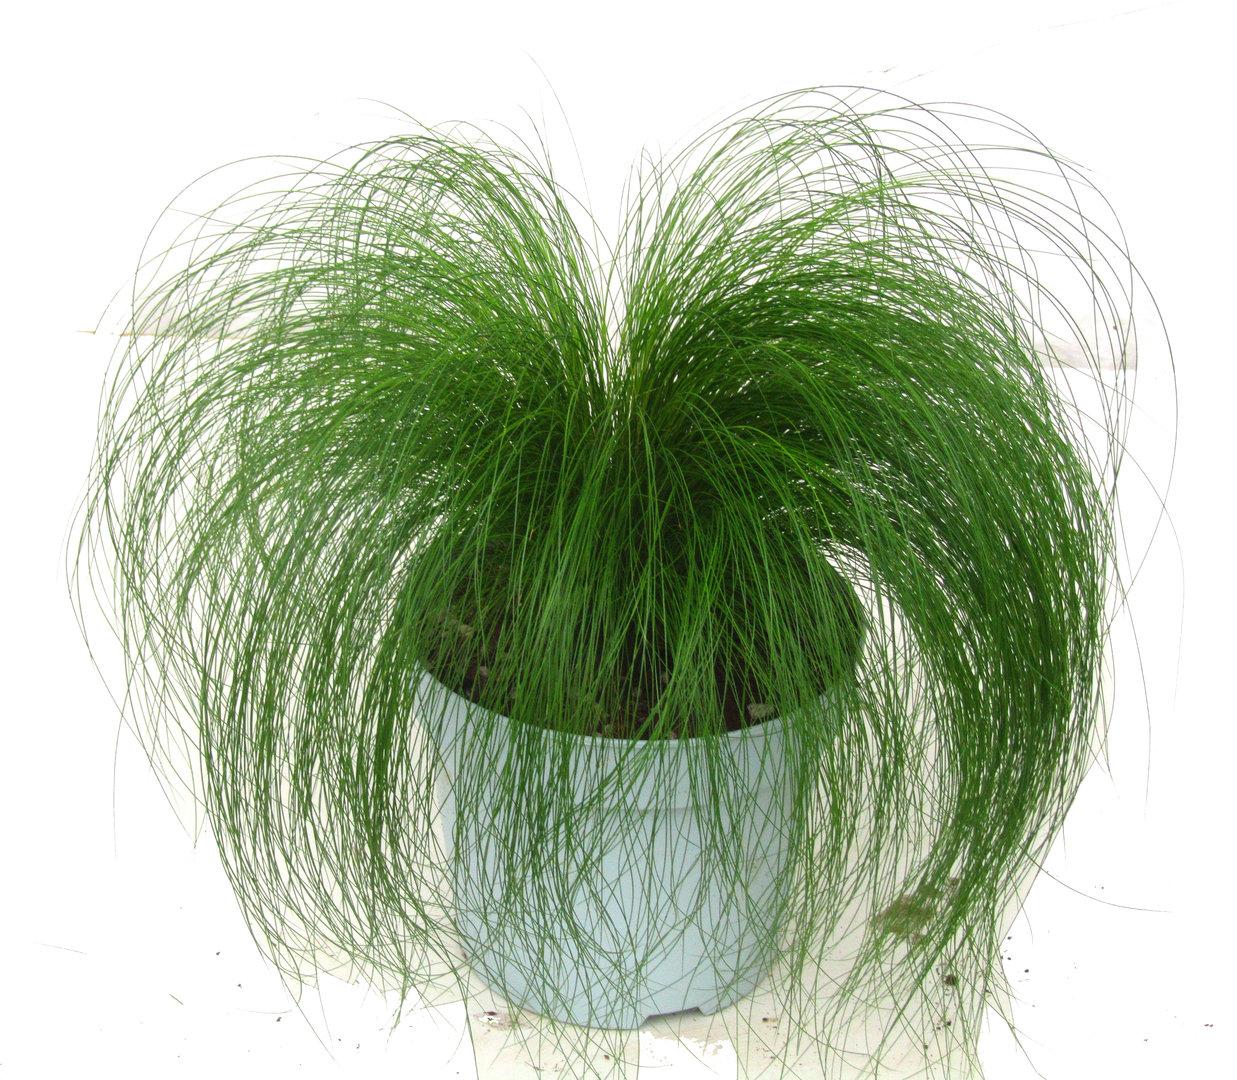 stipa engelshaar ponyschweif gr ser pflanzen versand harro 39 s pflanzenwelt kaufen. Black Bedroom Furniture Sets. Home Design Ideas